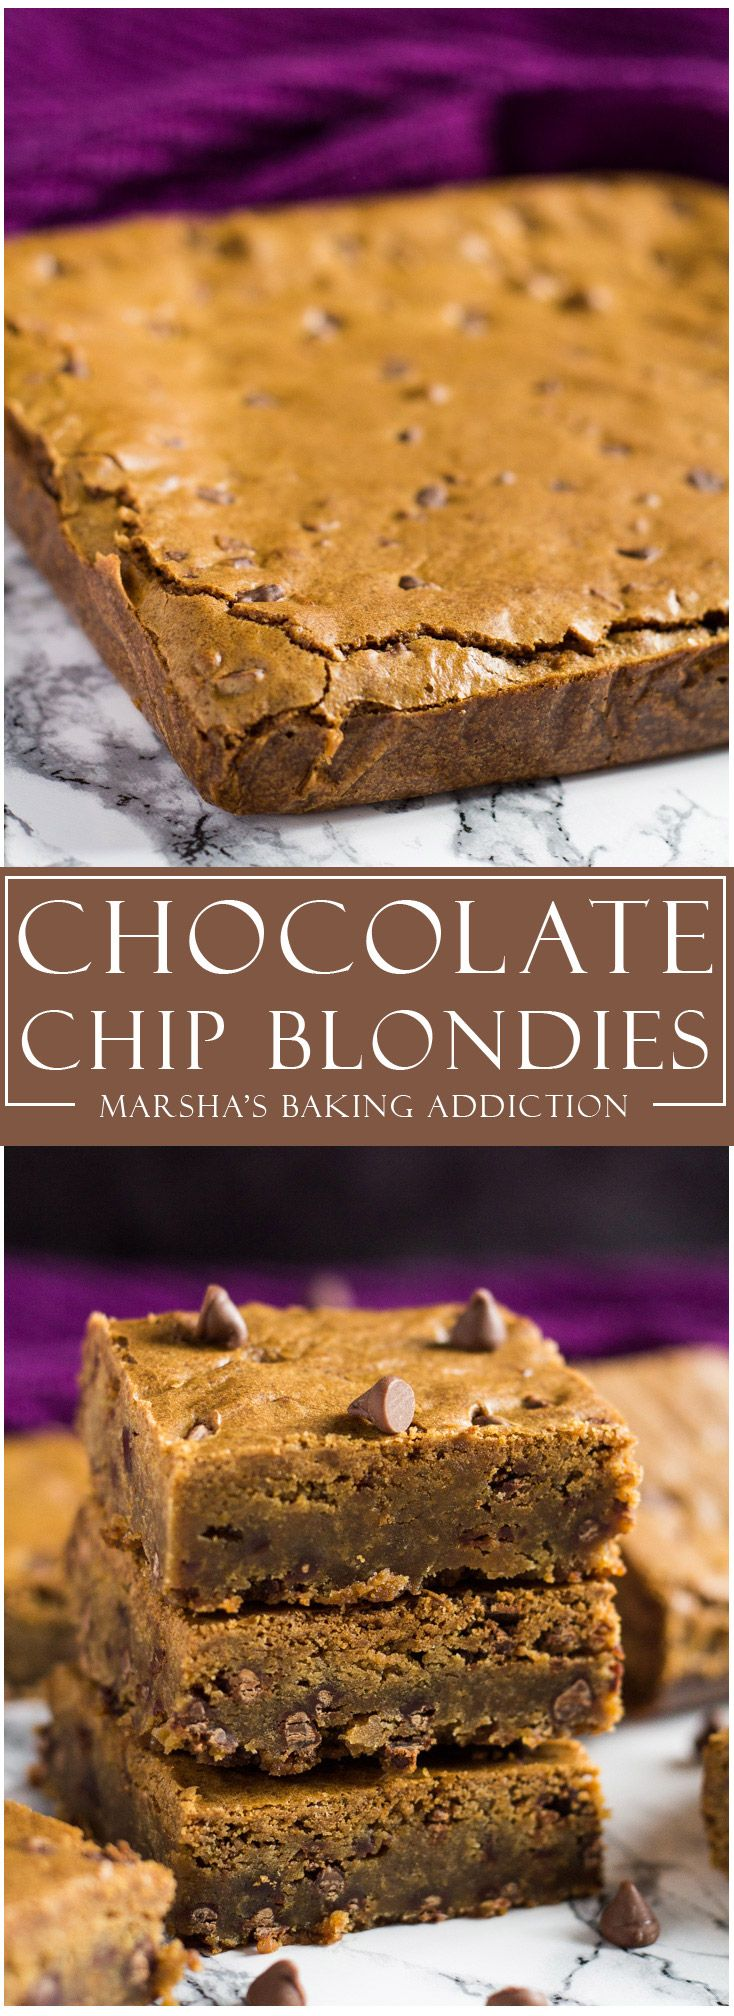 Chocolate Chip Blondies | marshasbakingaddiction.com @marshasbakeblog